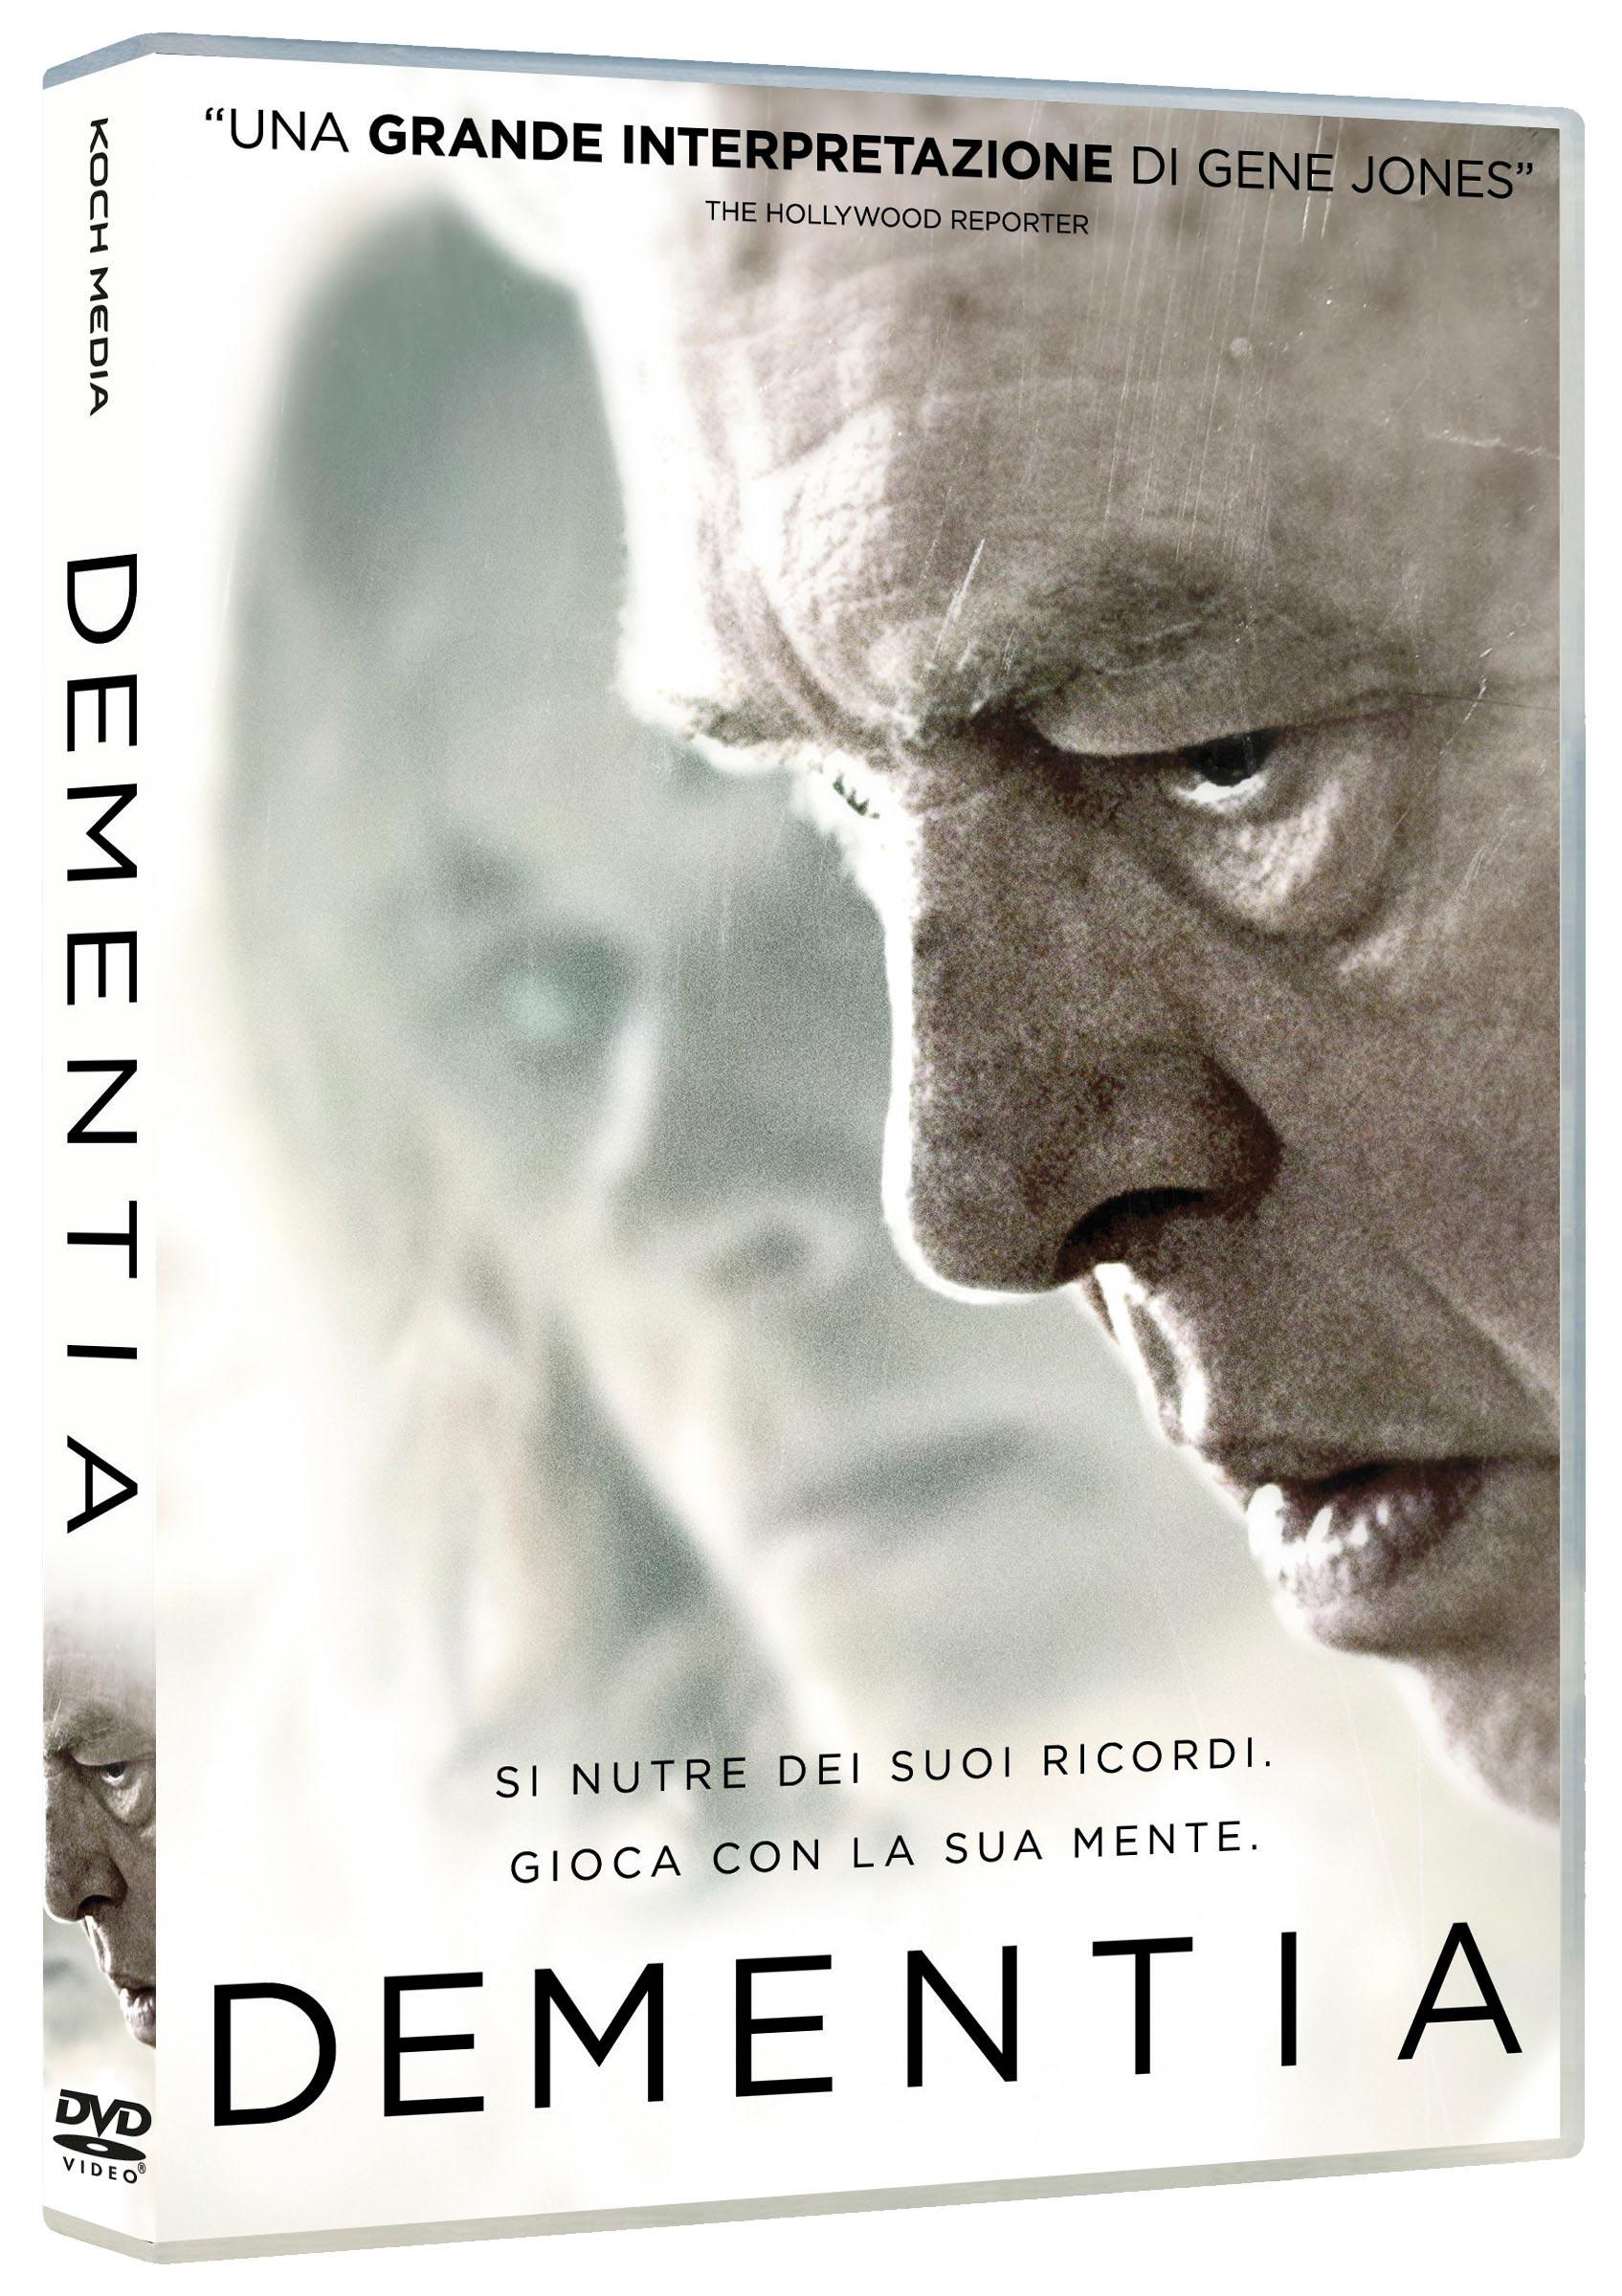 DEMENTIA (DVD)